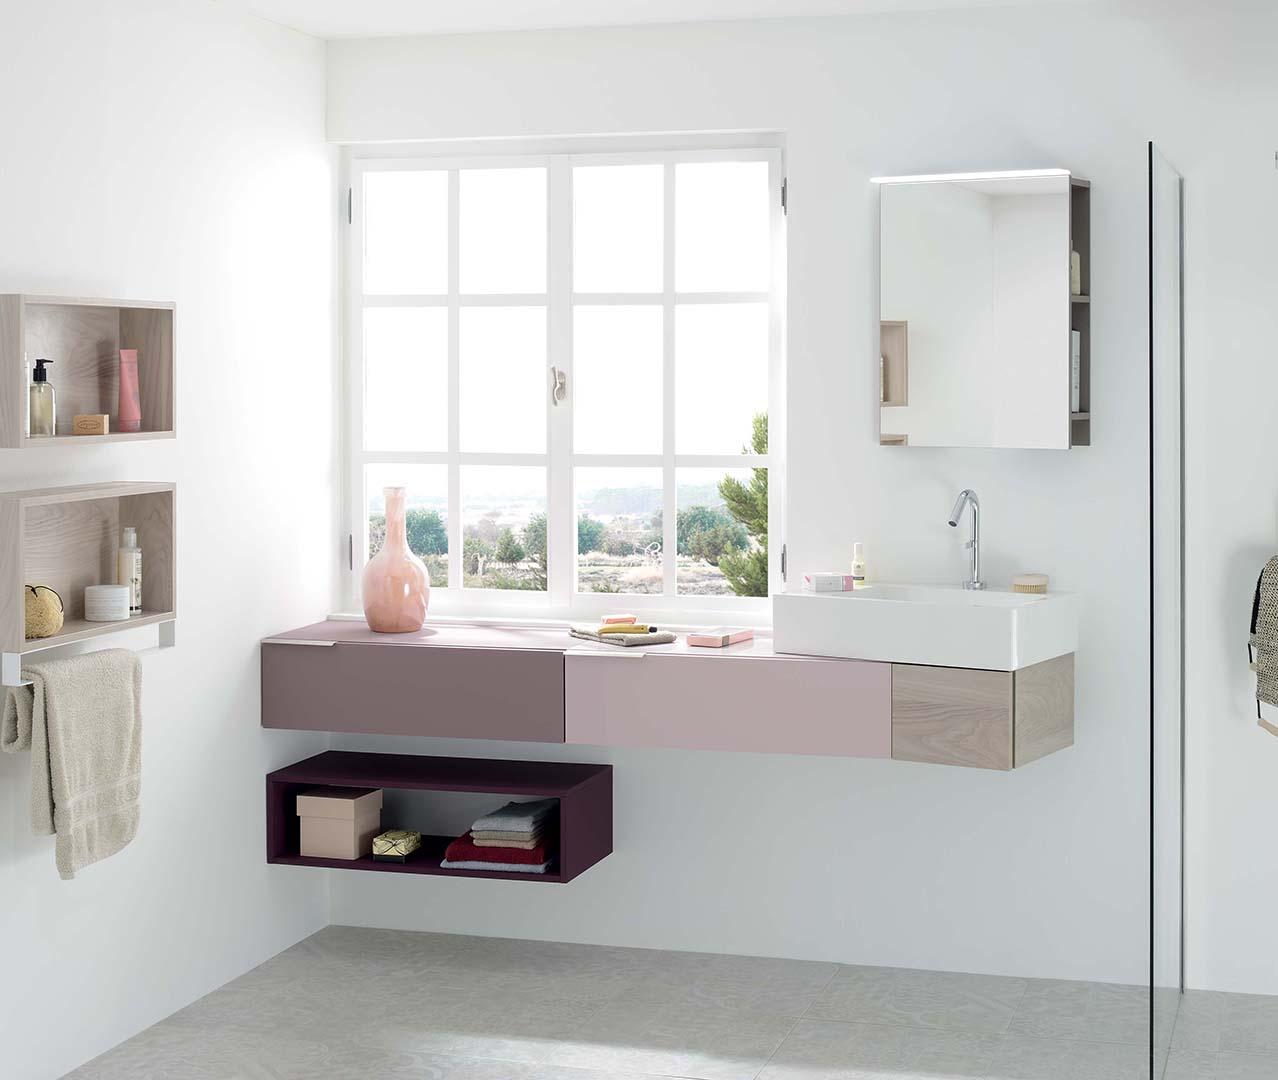 Gamme vertigo salle de bain design meuble sdb sanijura for Configurer une salle de bain